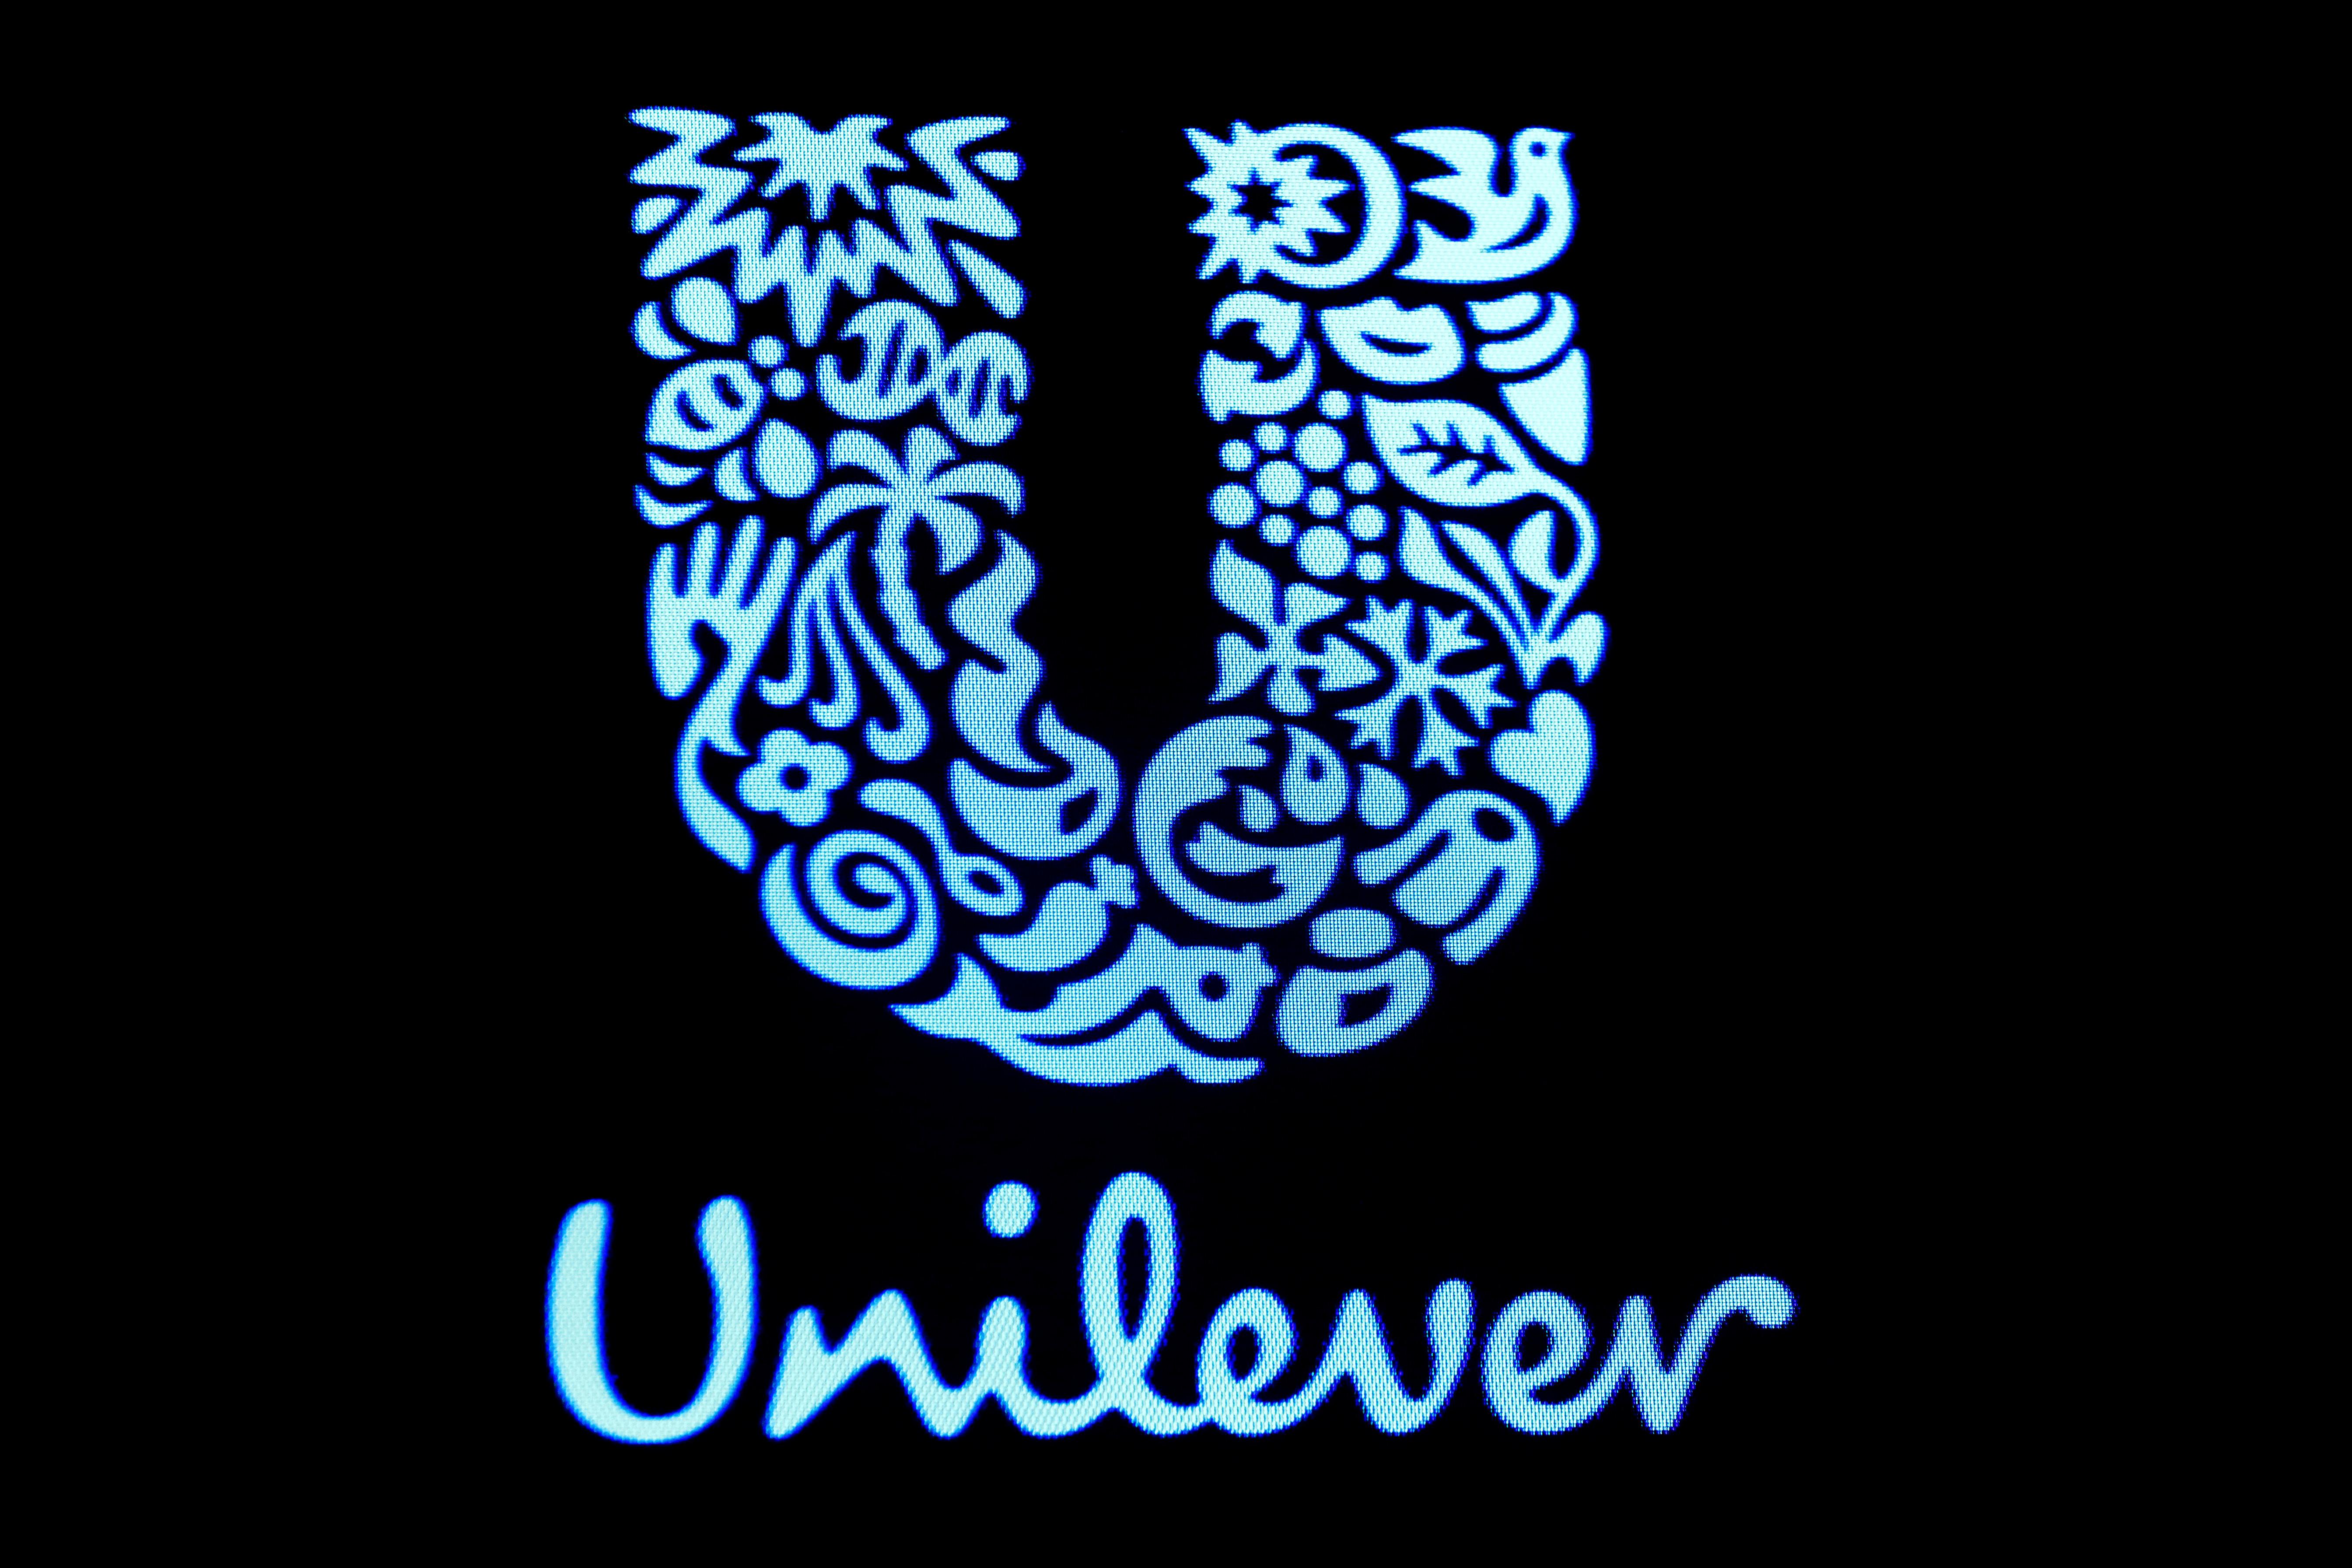 Floor Plans Maker Unilever Finds Clever Twist In Takeover Defence